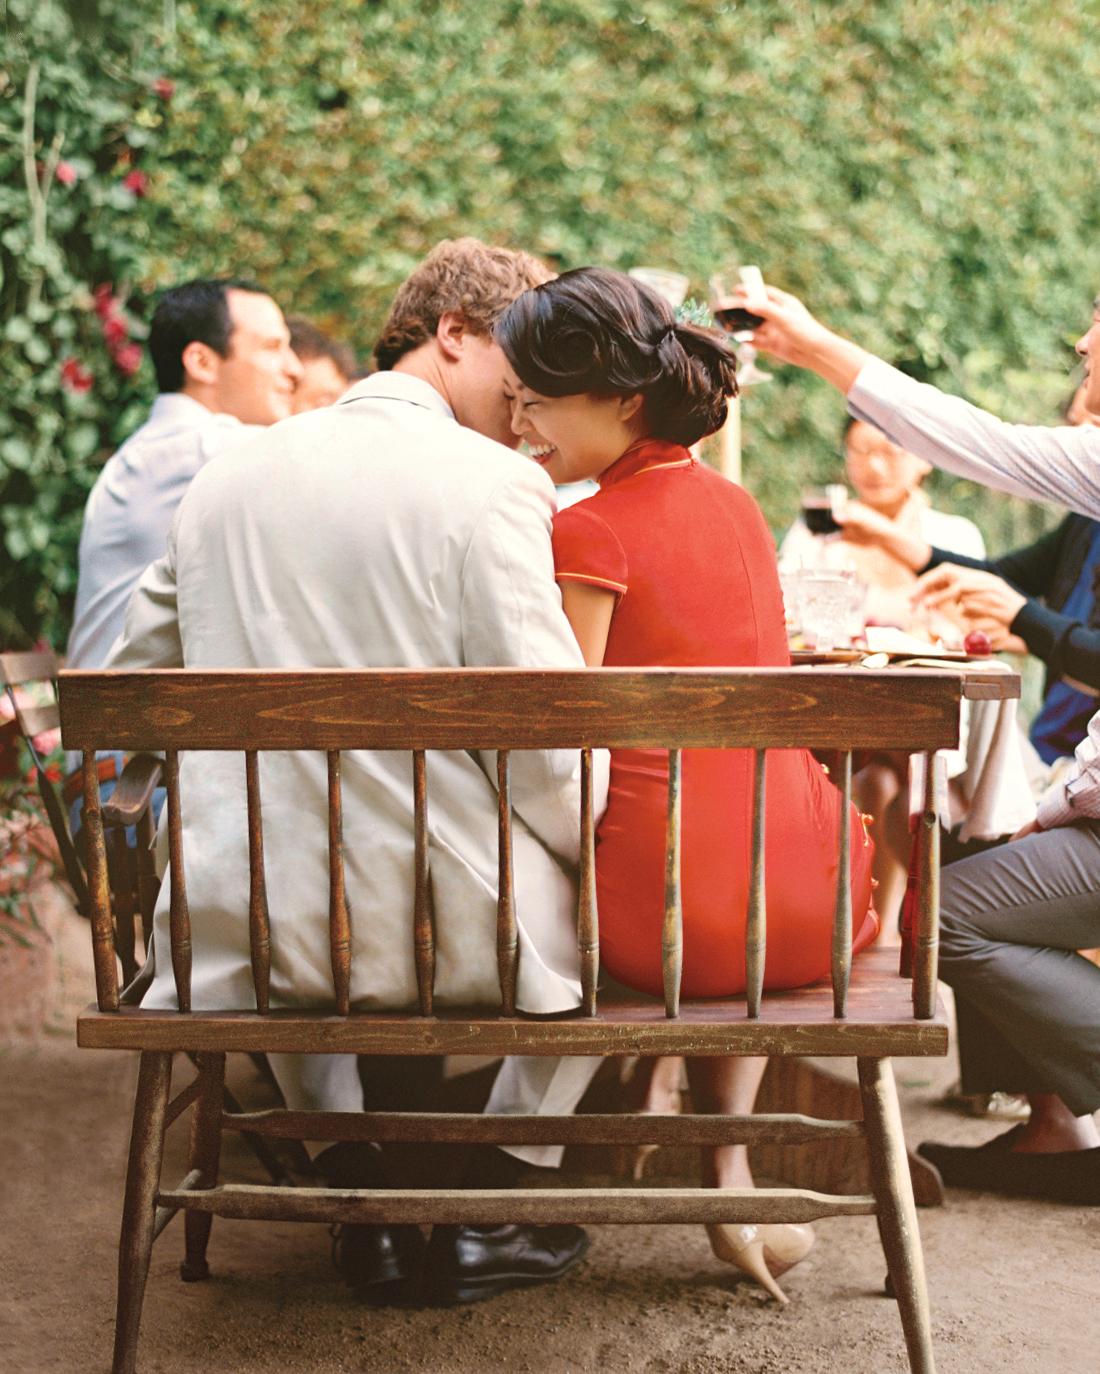 jen-elihu-wedding-009590-r1-006-s111865.jpg